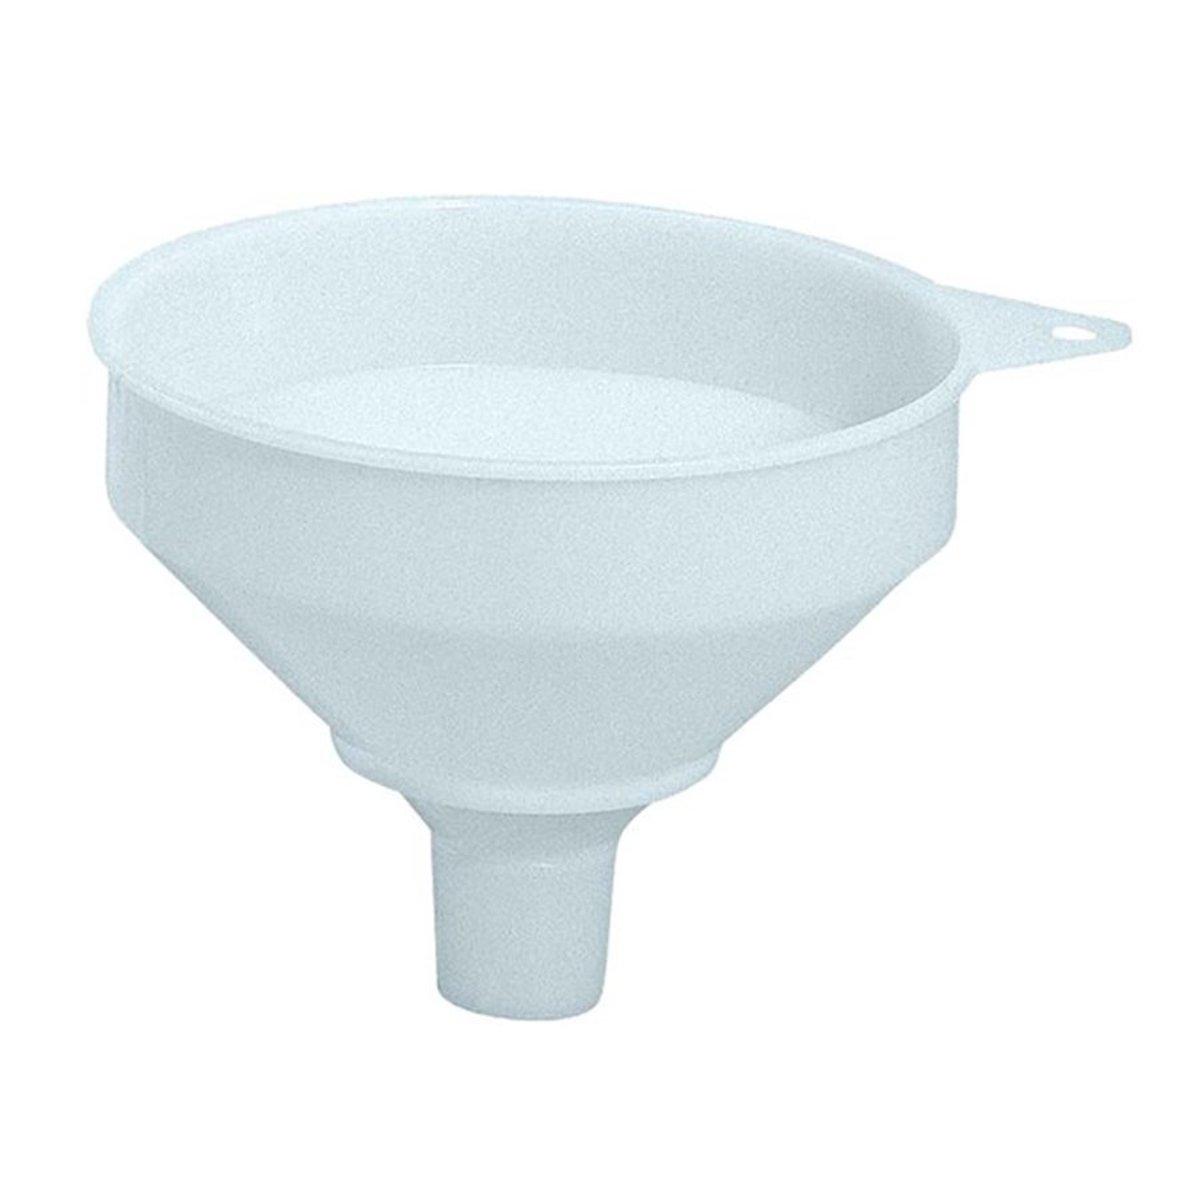 Trechter - zonder flexibele tuit - 250 mm - 9531 kopen